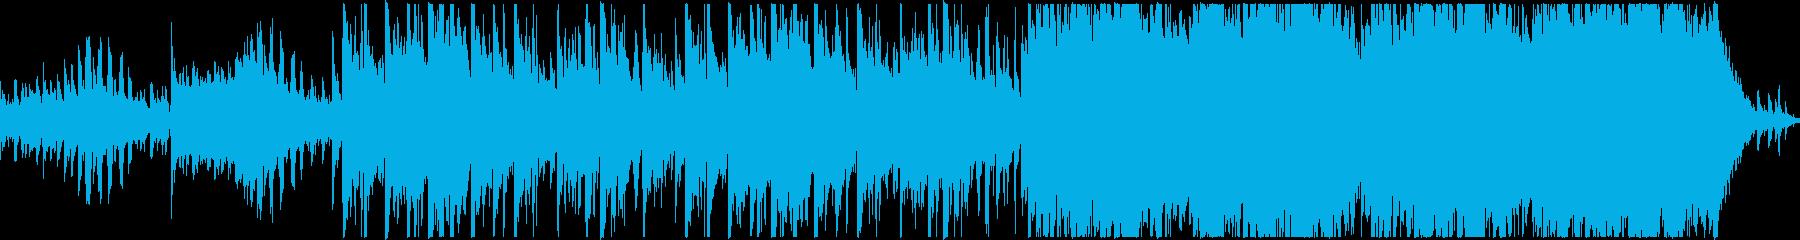 神秘的・壮大な和風ファンタジー曲:ループの再生済みの波形